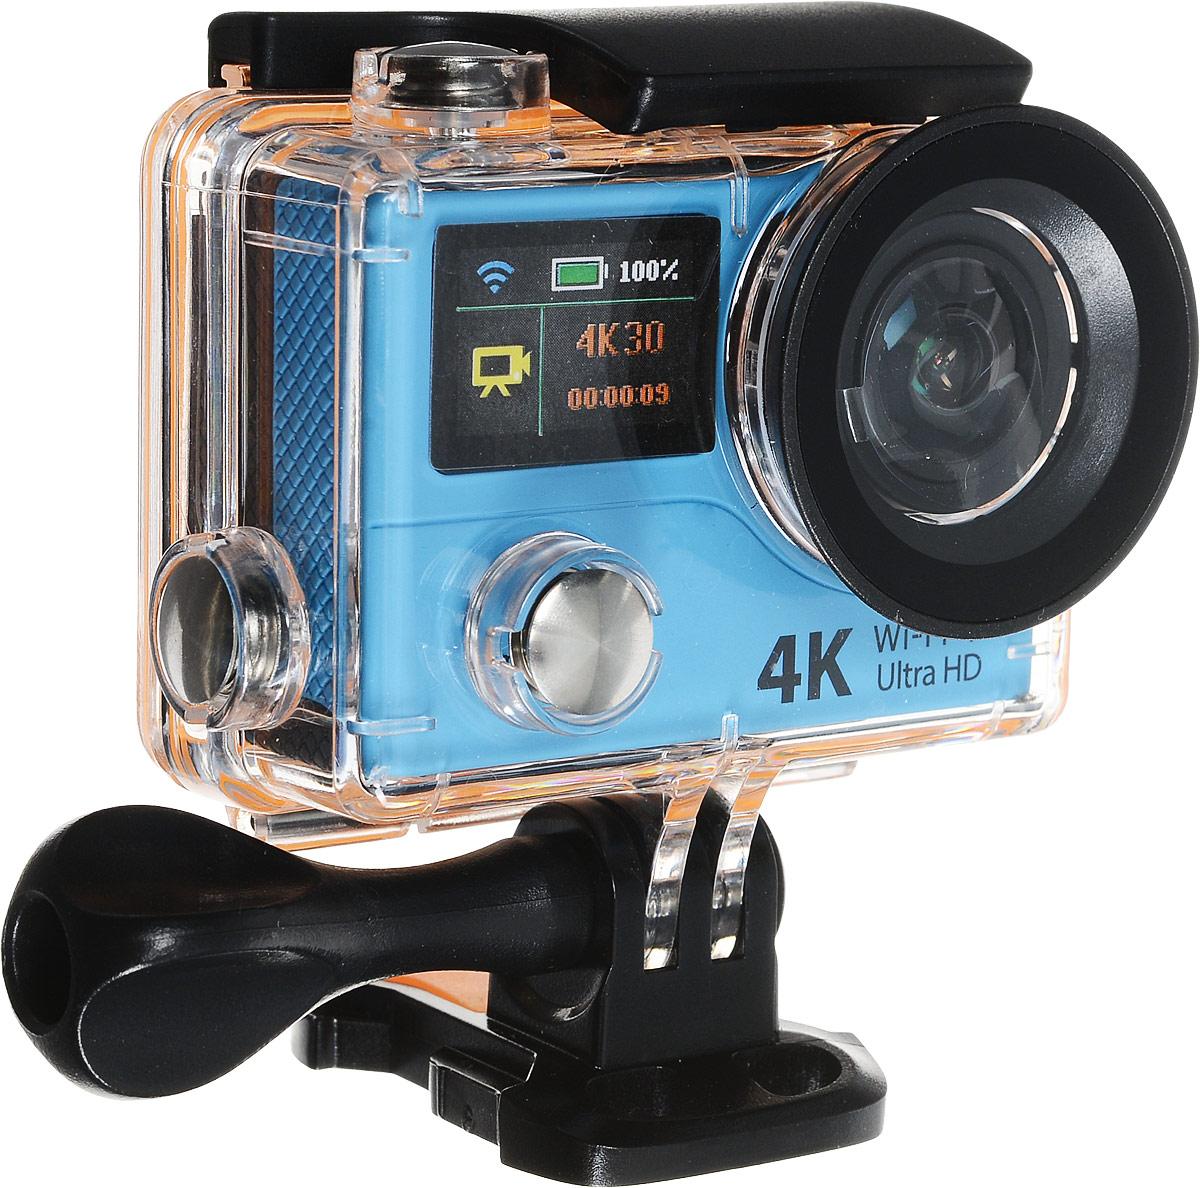 Eken H3R Ultra HD, Blue экшн-камераH3R/H8Rse BLUEЭкшн-камера Eken H3R Ultra HD позволяет записывать видео с разрешением 4К и очень плавным изображением до 25 кадров в секунду. Камера имеет два дисплея: 2 TFT LCD основной экран и 0.95 OLED экран статуса (уровень заряда батареи, подключение к WiFi, режим съемки и длительность записи). Эта модель сделана для любителей спорта на улице, подводного плавания, скейтбординга, скай-дайвинга, скалолазания, бега или охоты. Снимайте с руки, на велосипеде, в машине и где угодно. По сравнению с предыдущими версиями, в Eken H3R Ultra HD вы найдете уменьшенные размеры корпуса, увеличенный до 2-х дюймов экран, невероятную оптику и фантастическое разрешение изображения при съемке 25 кадров в секунду!Управляйте вашей H3R на своем смартфоне или планшете. Приложение Ez iCam App позволяет работать с браузером и наблюдать все то, что видит ваша камера. В комплекте с камерой идет пульт ДУ работающий на частоте 2,4 ГГц. Он позволяет начинать и заканчивать съемку удаленно. Как выбрать экшн-камеру. Статья OZON Гид